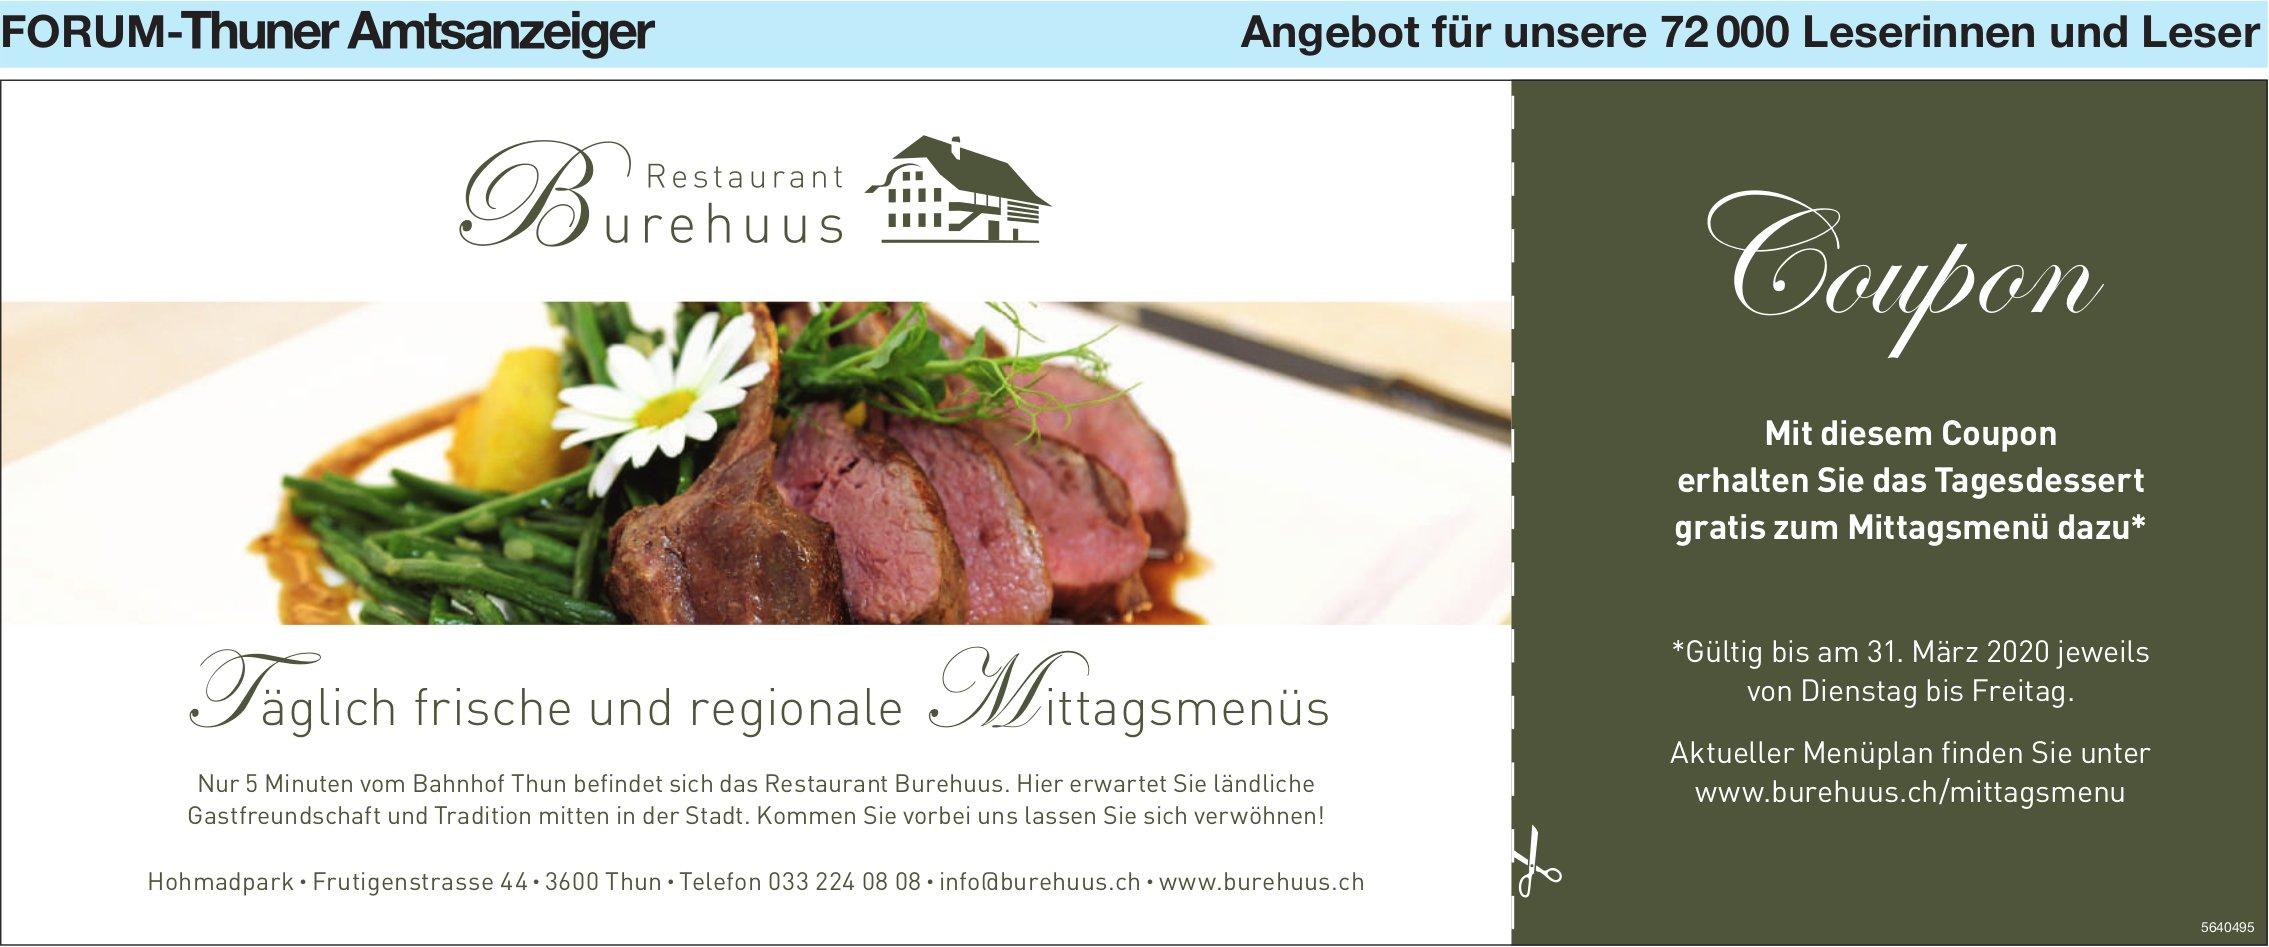 FORUM-Thuner Amtsanzeiger - Restaurant Burehuus: Coupon für Tagesdessert gratis zum Mittagsmenü